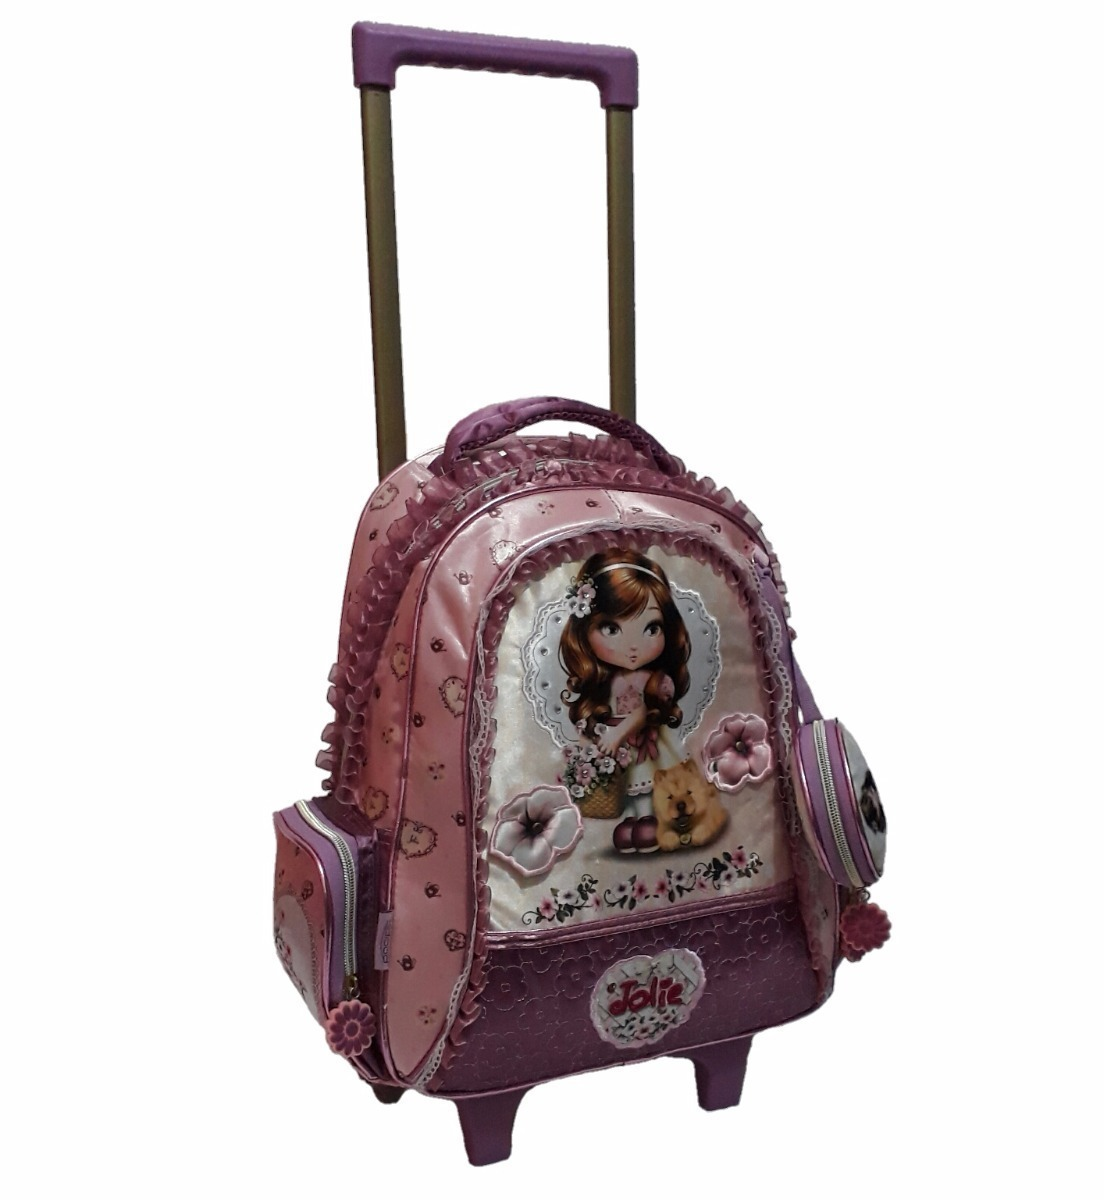 0ff9878d8 mochila feminina m infantil rosa jolie rodinhas muito linda. Carregando zoom .